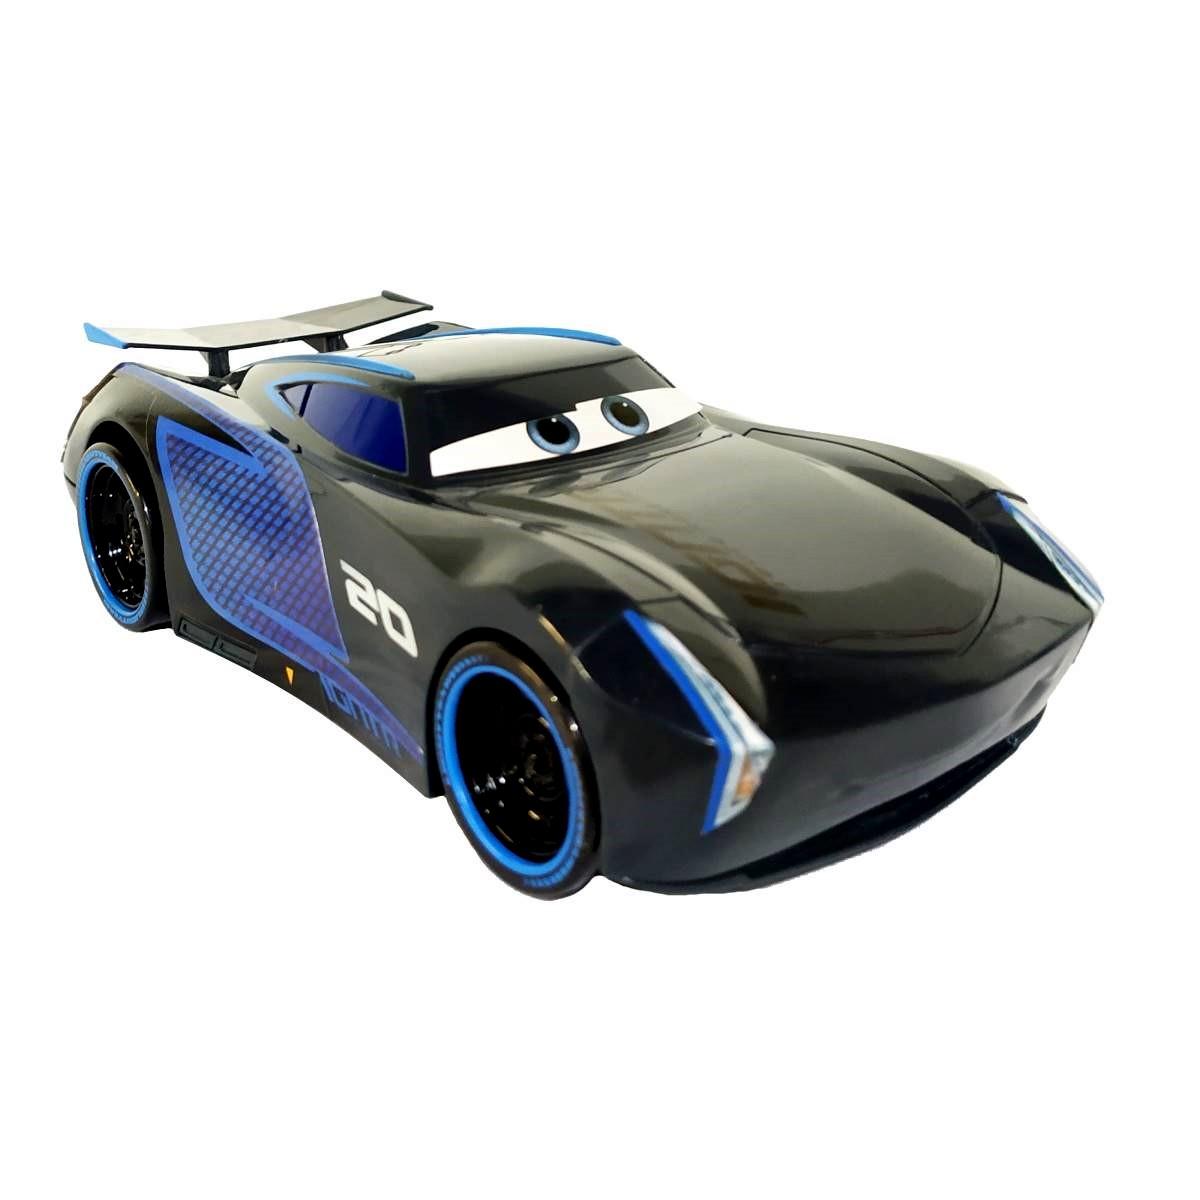 Carrinho de Fricção da Disney Pixar Carros de 22cm Jackson Storm